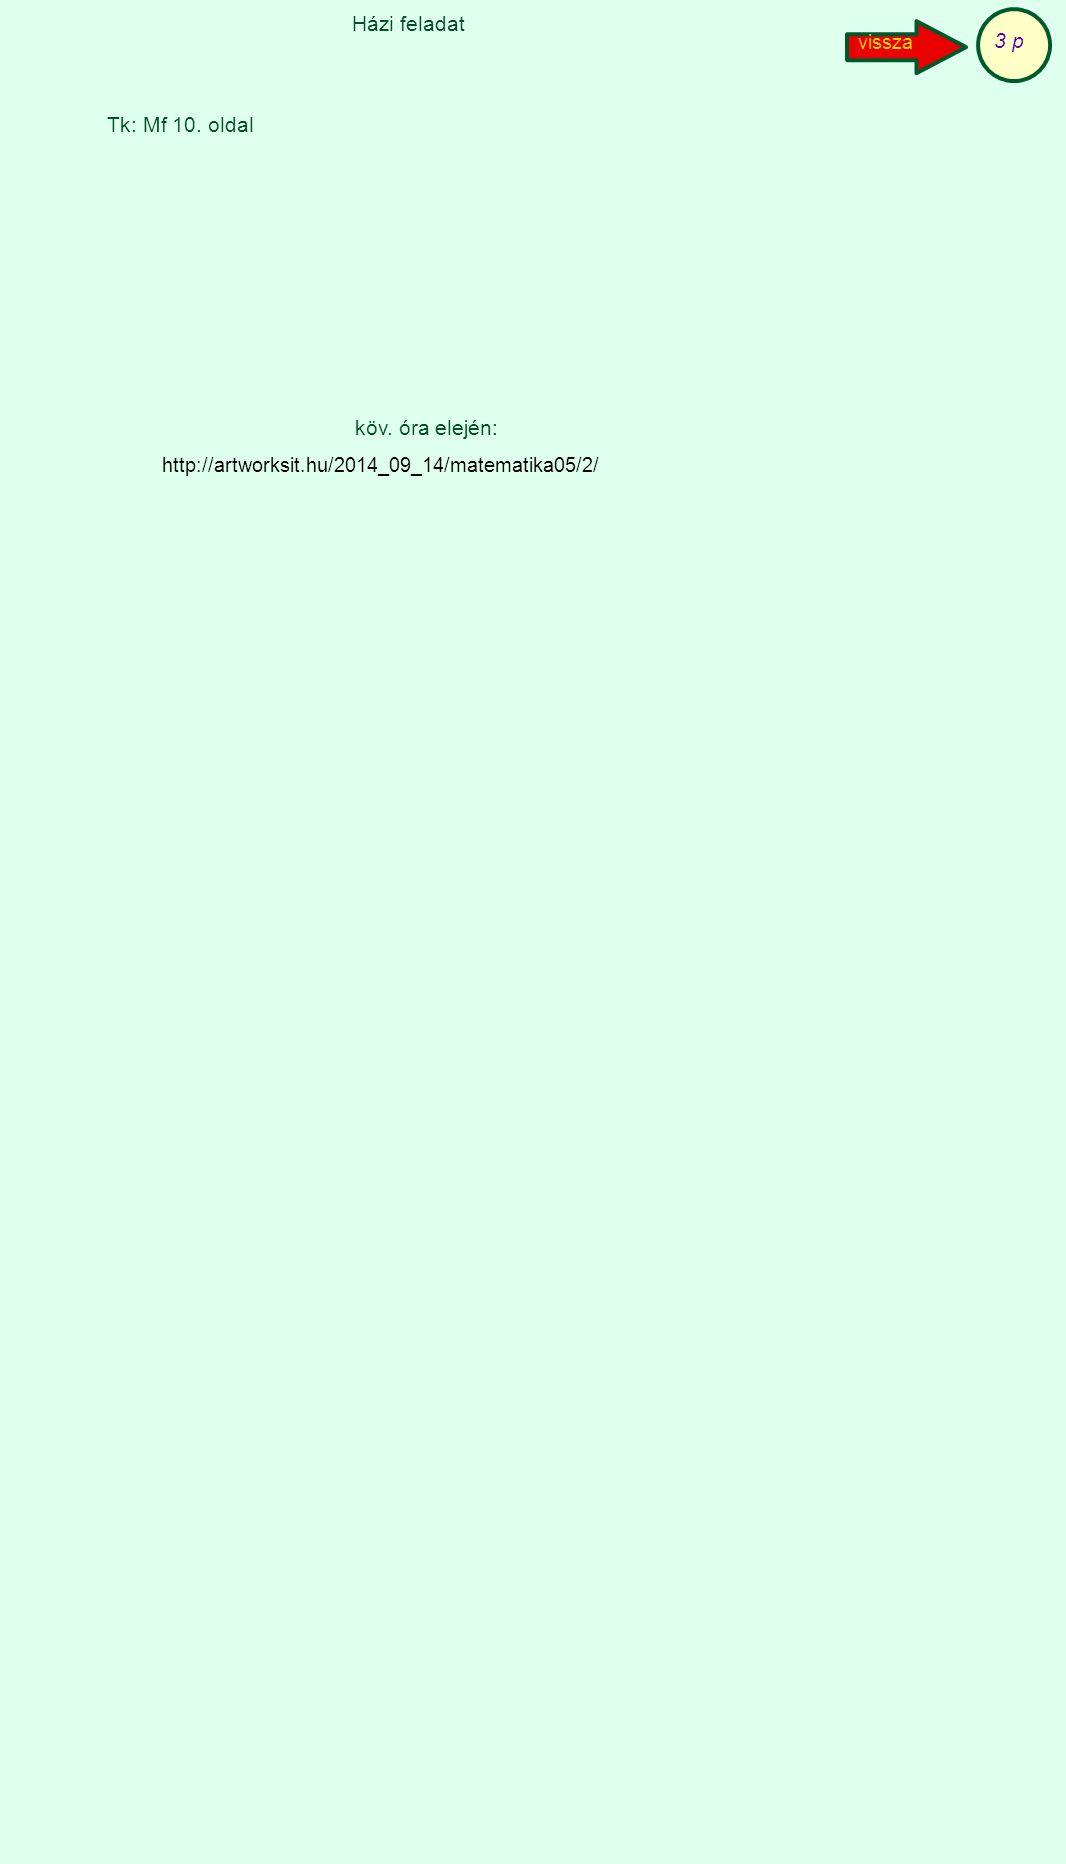 Házi feladat 3 p Tk: Mf 10. oldal köv. óra elején: vissza